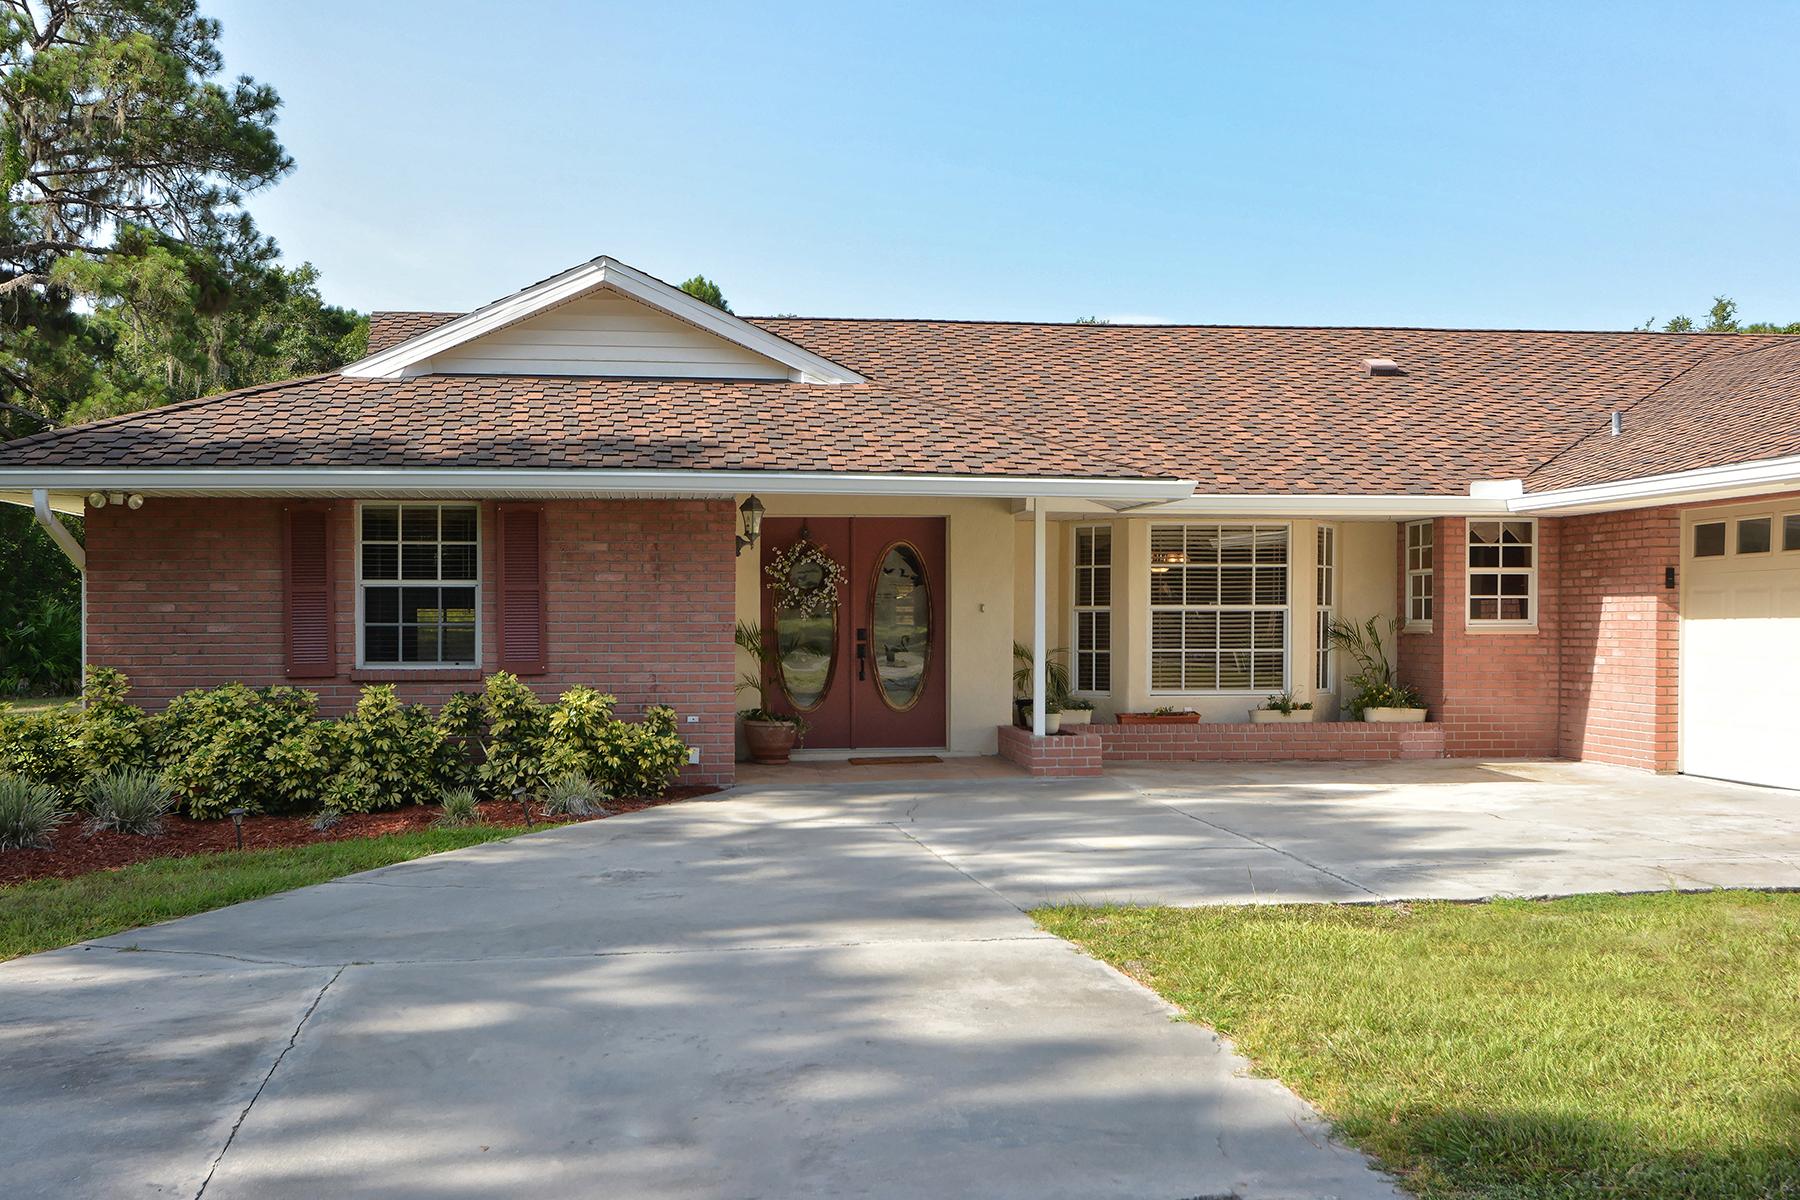 Частный односемейный дом для того Продажа на MISSION VALLEY ESTATES 770 Percheron Cir Nokomis, Флорида, 34275 Соединенные Штаты